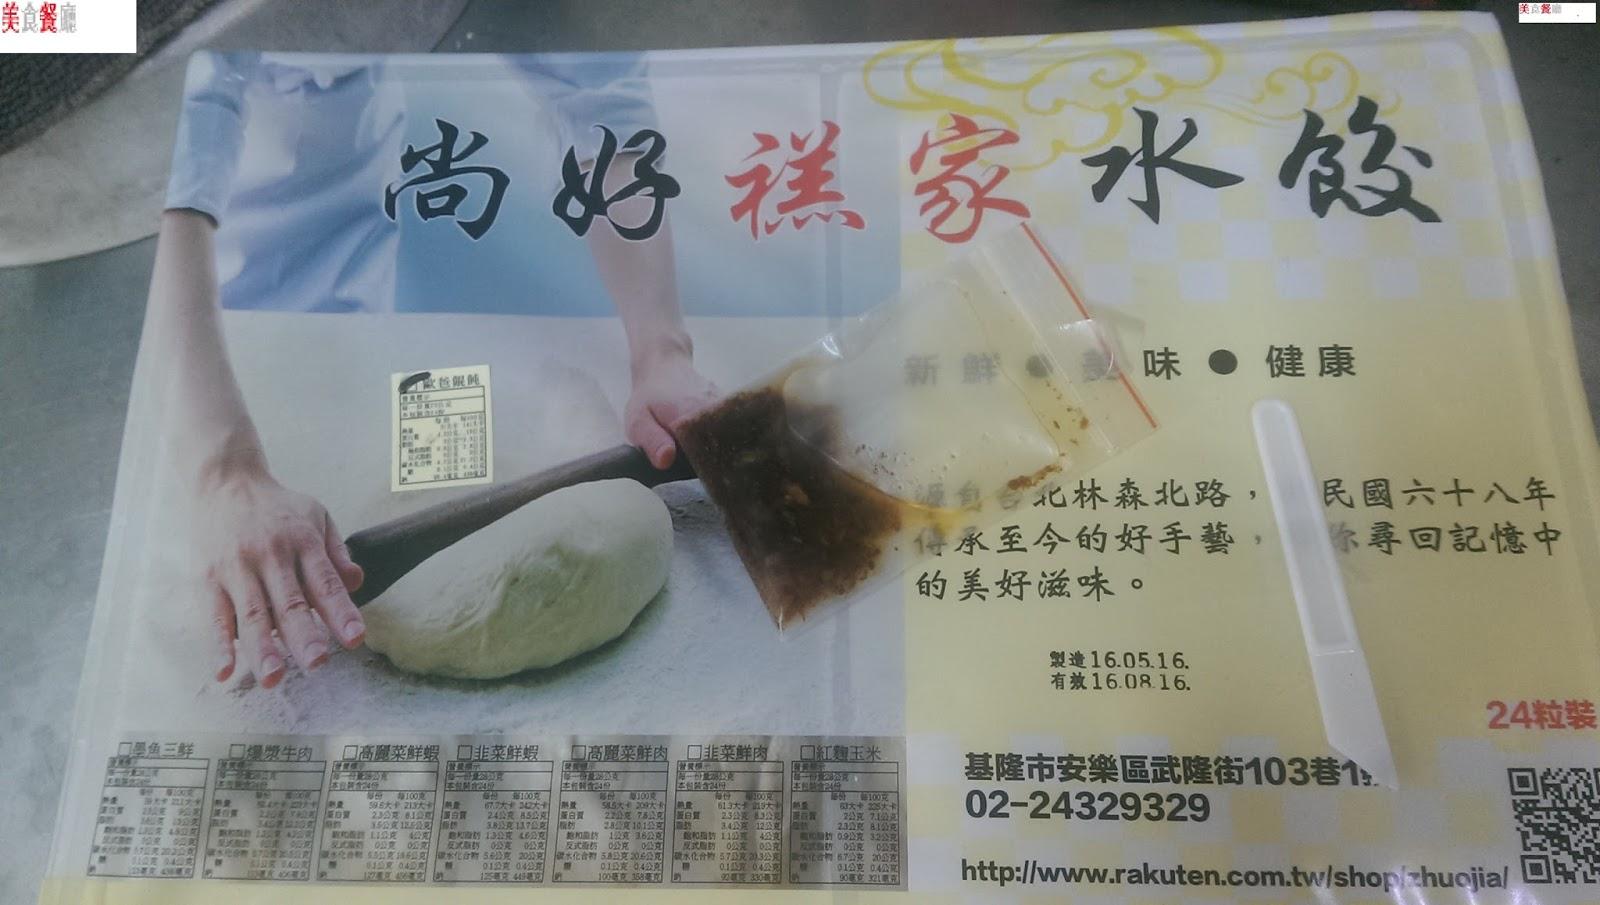 [北部] 台北市中山區【尚好禚家 歐爸餛飩】餛飩湯 炸餛飩 讓餛飩在乾濕兩種方式下散發各自的魅力